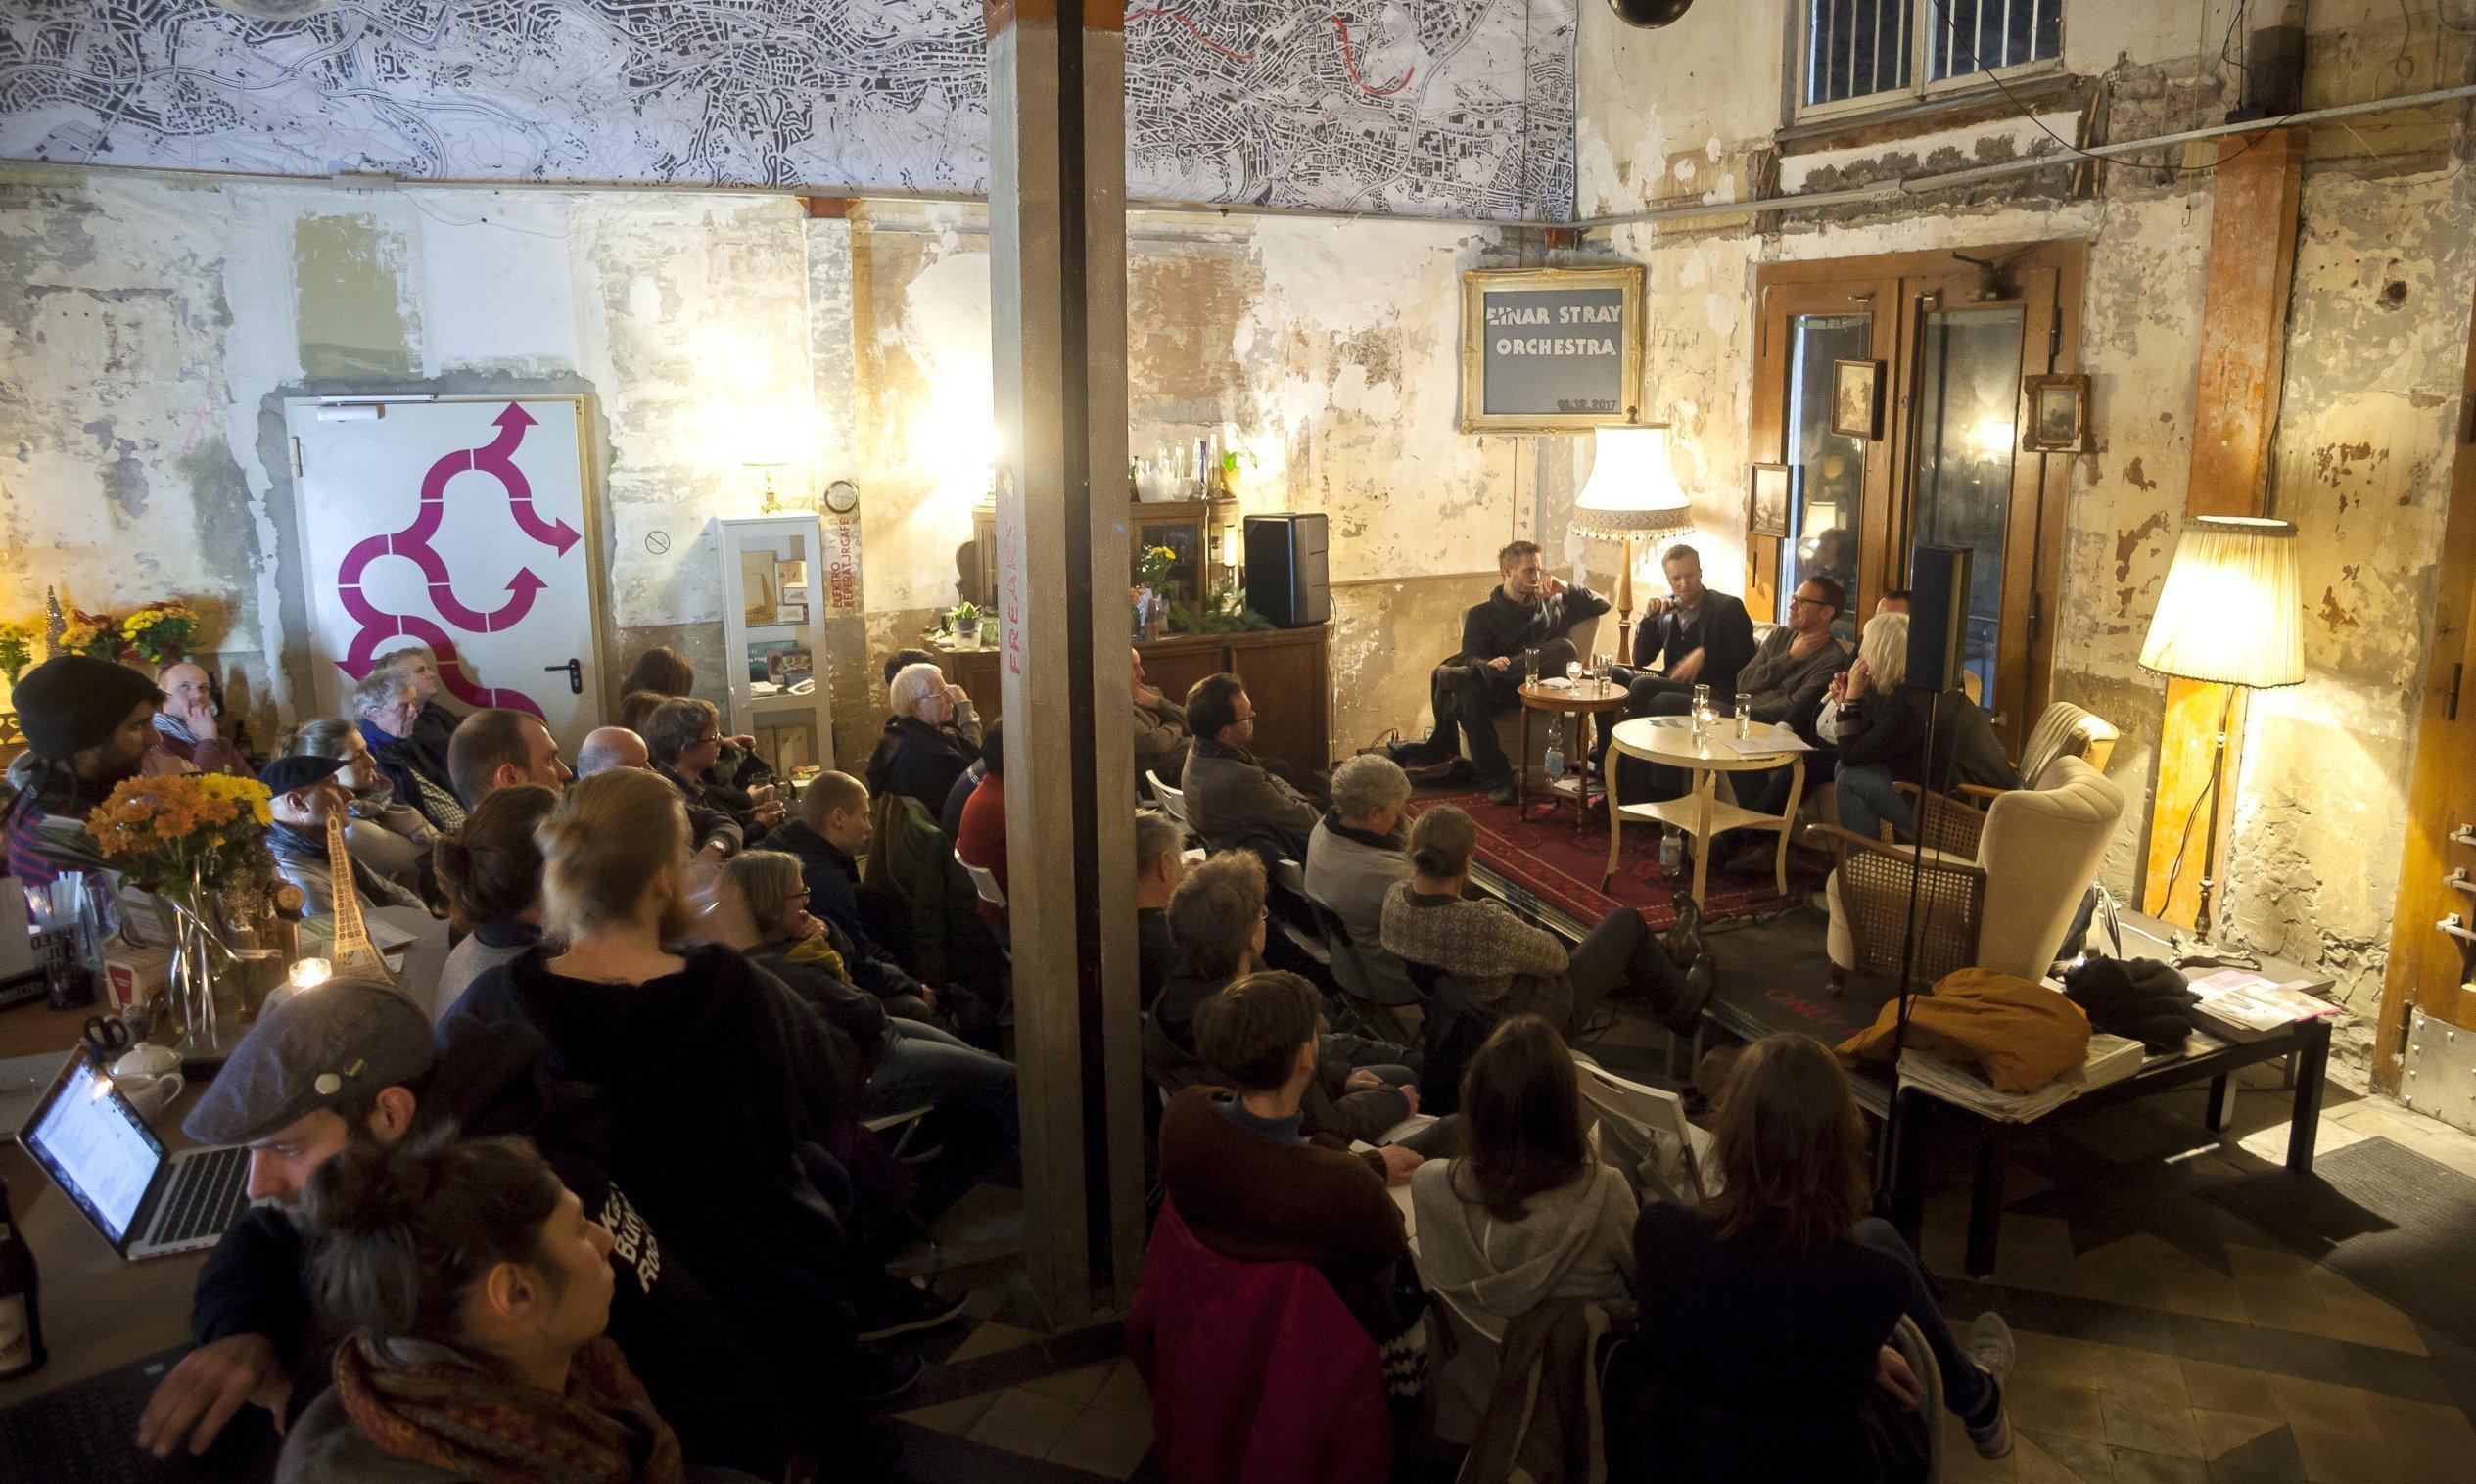 Blick in einen Raum ohne Tapeten, in dem viele Zuschauer vor einer kleinen Bühne sitzen. Darauf diskutieren fünf Menschen.